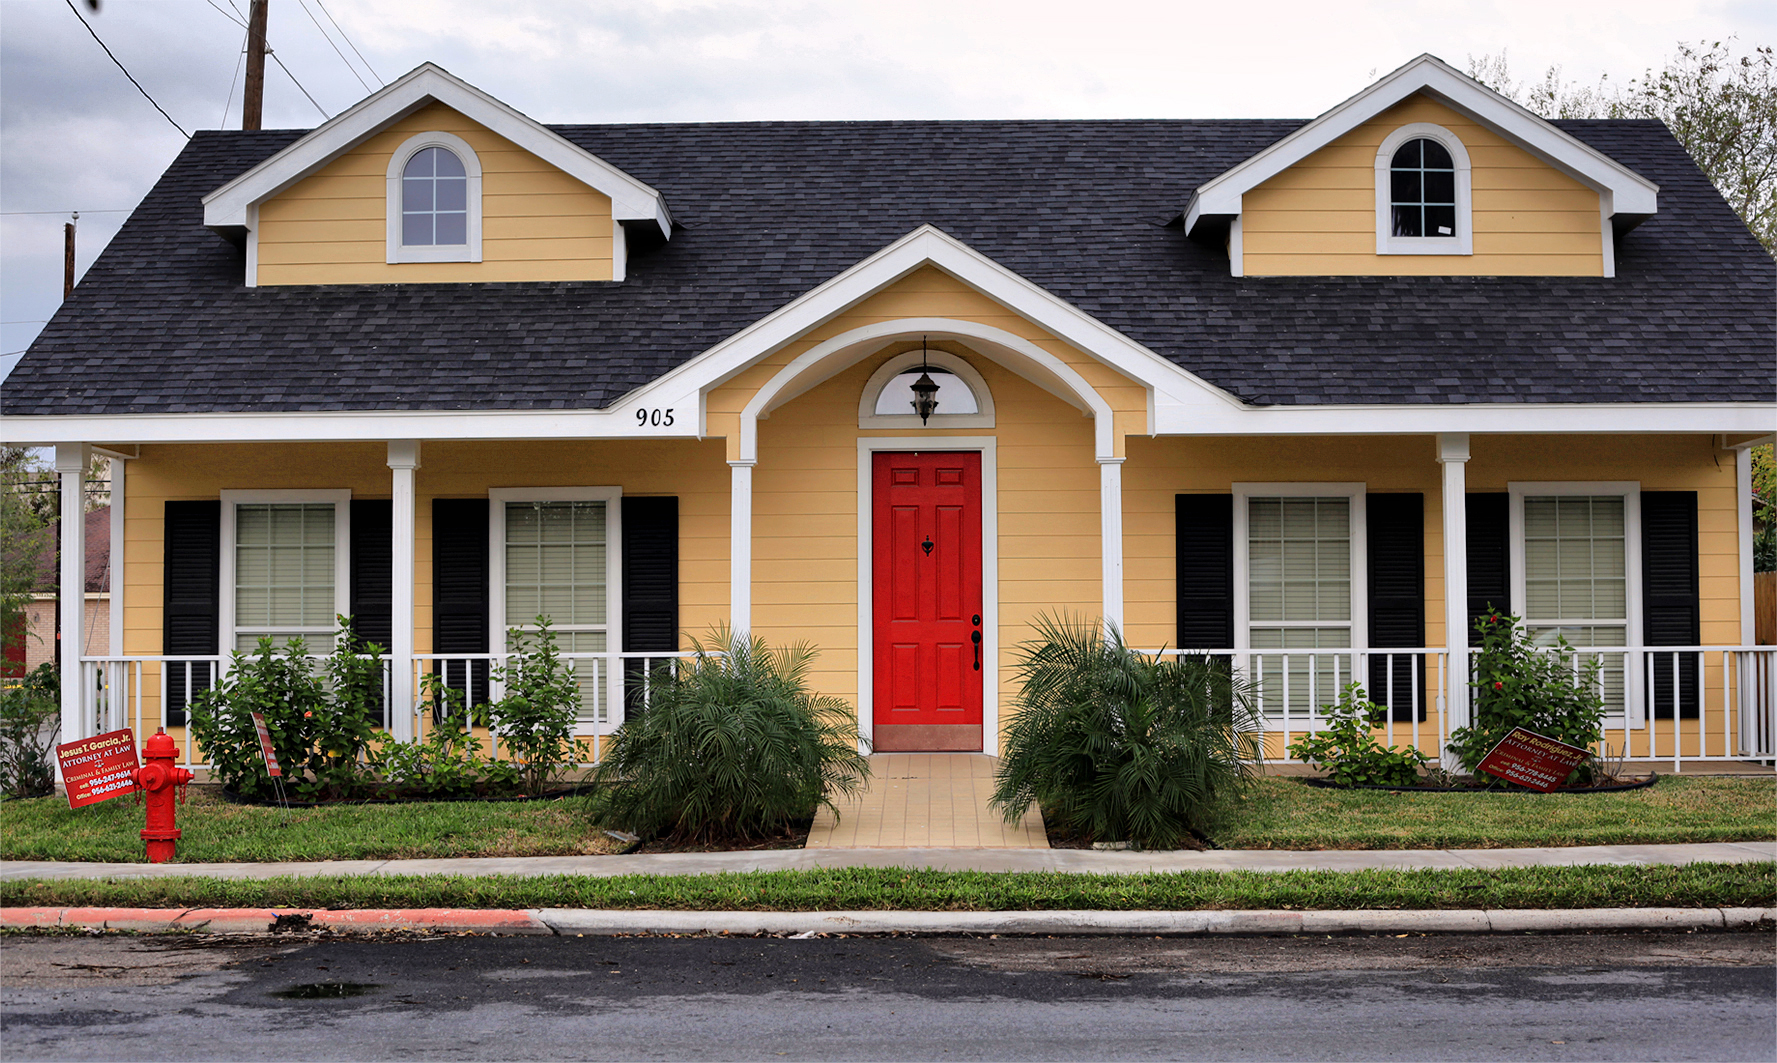 Red Door House By DesaturatedDream Red Door House By DesaturatedDream